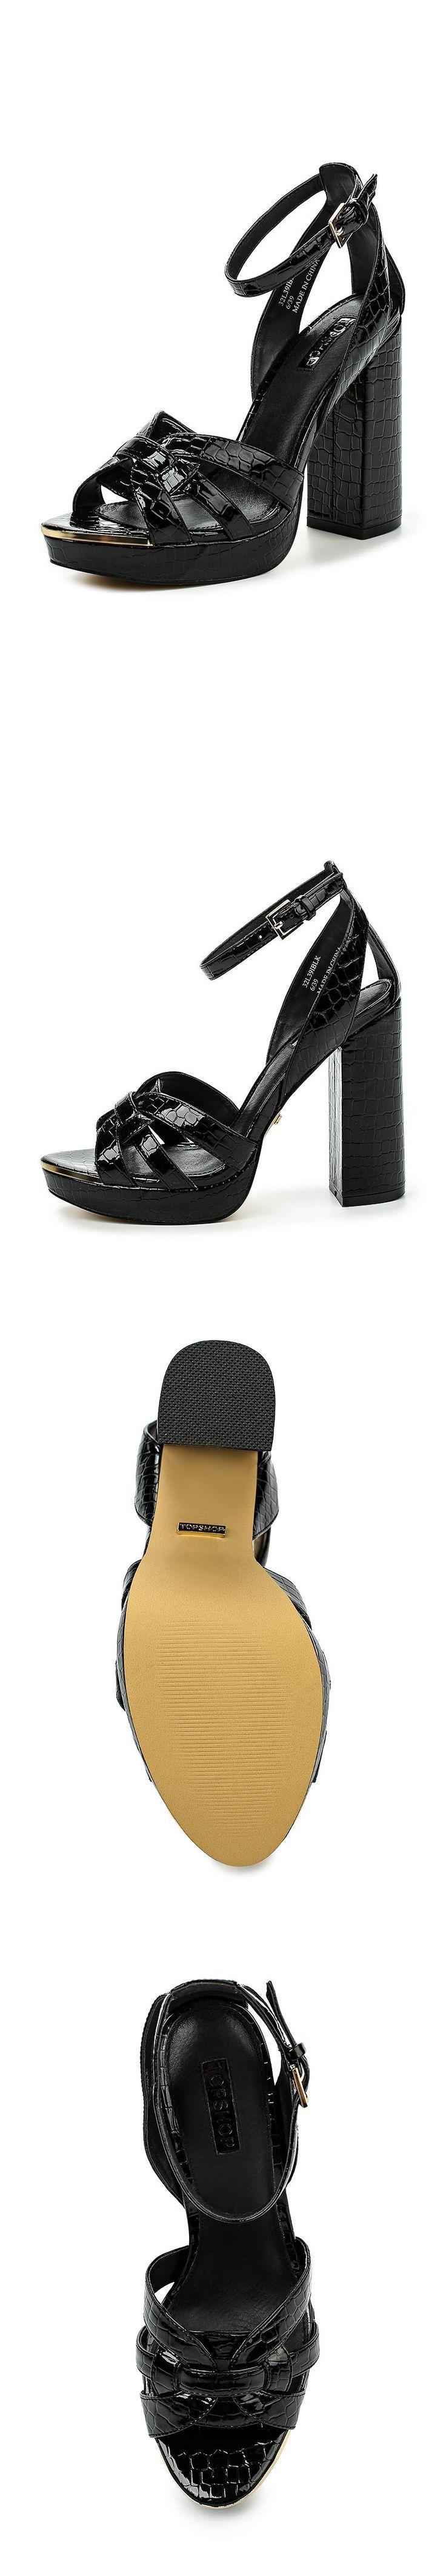 Женская обувь босоножки Topshop за 4540.00 руб.